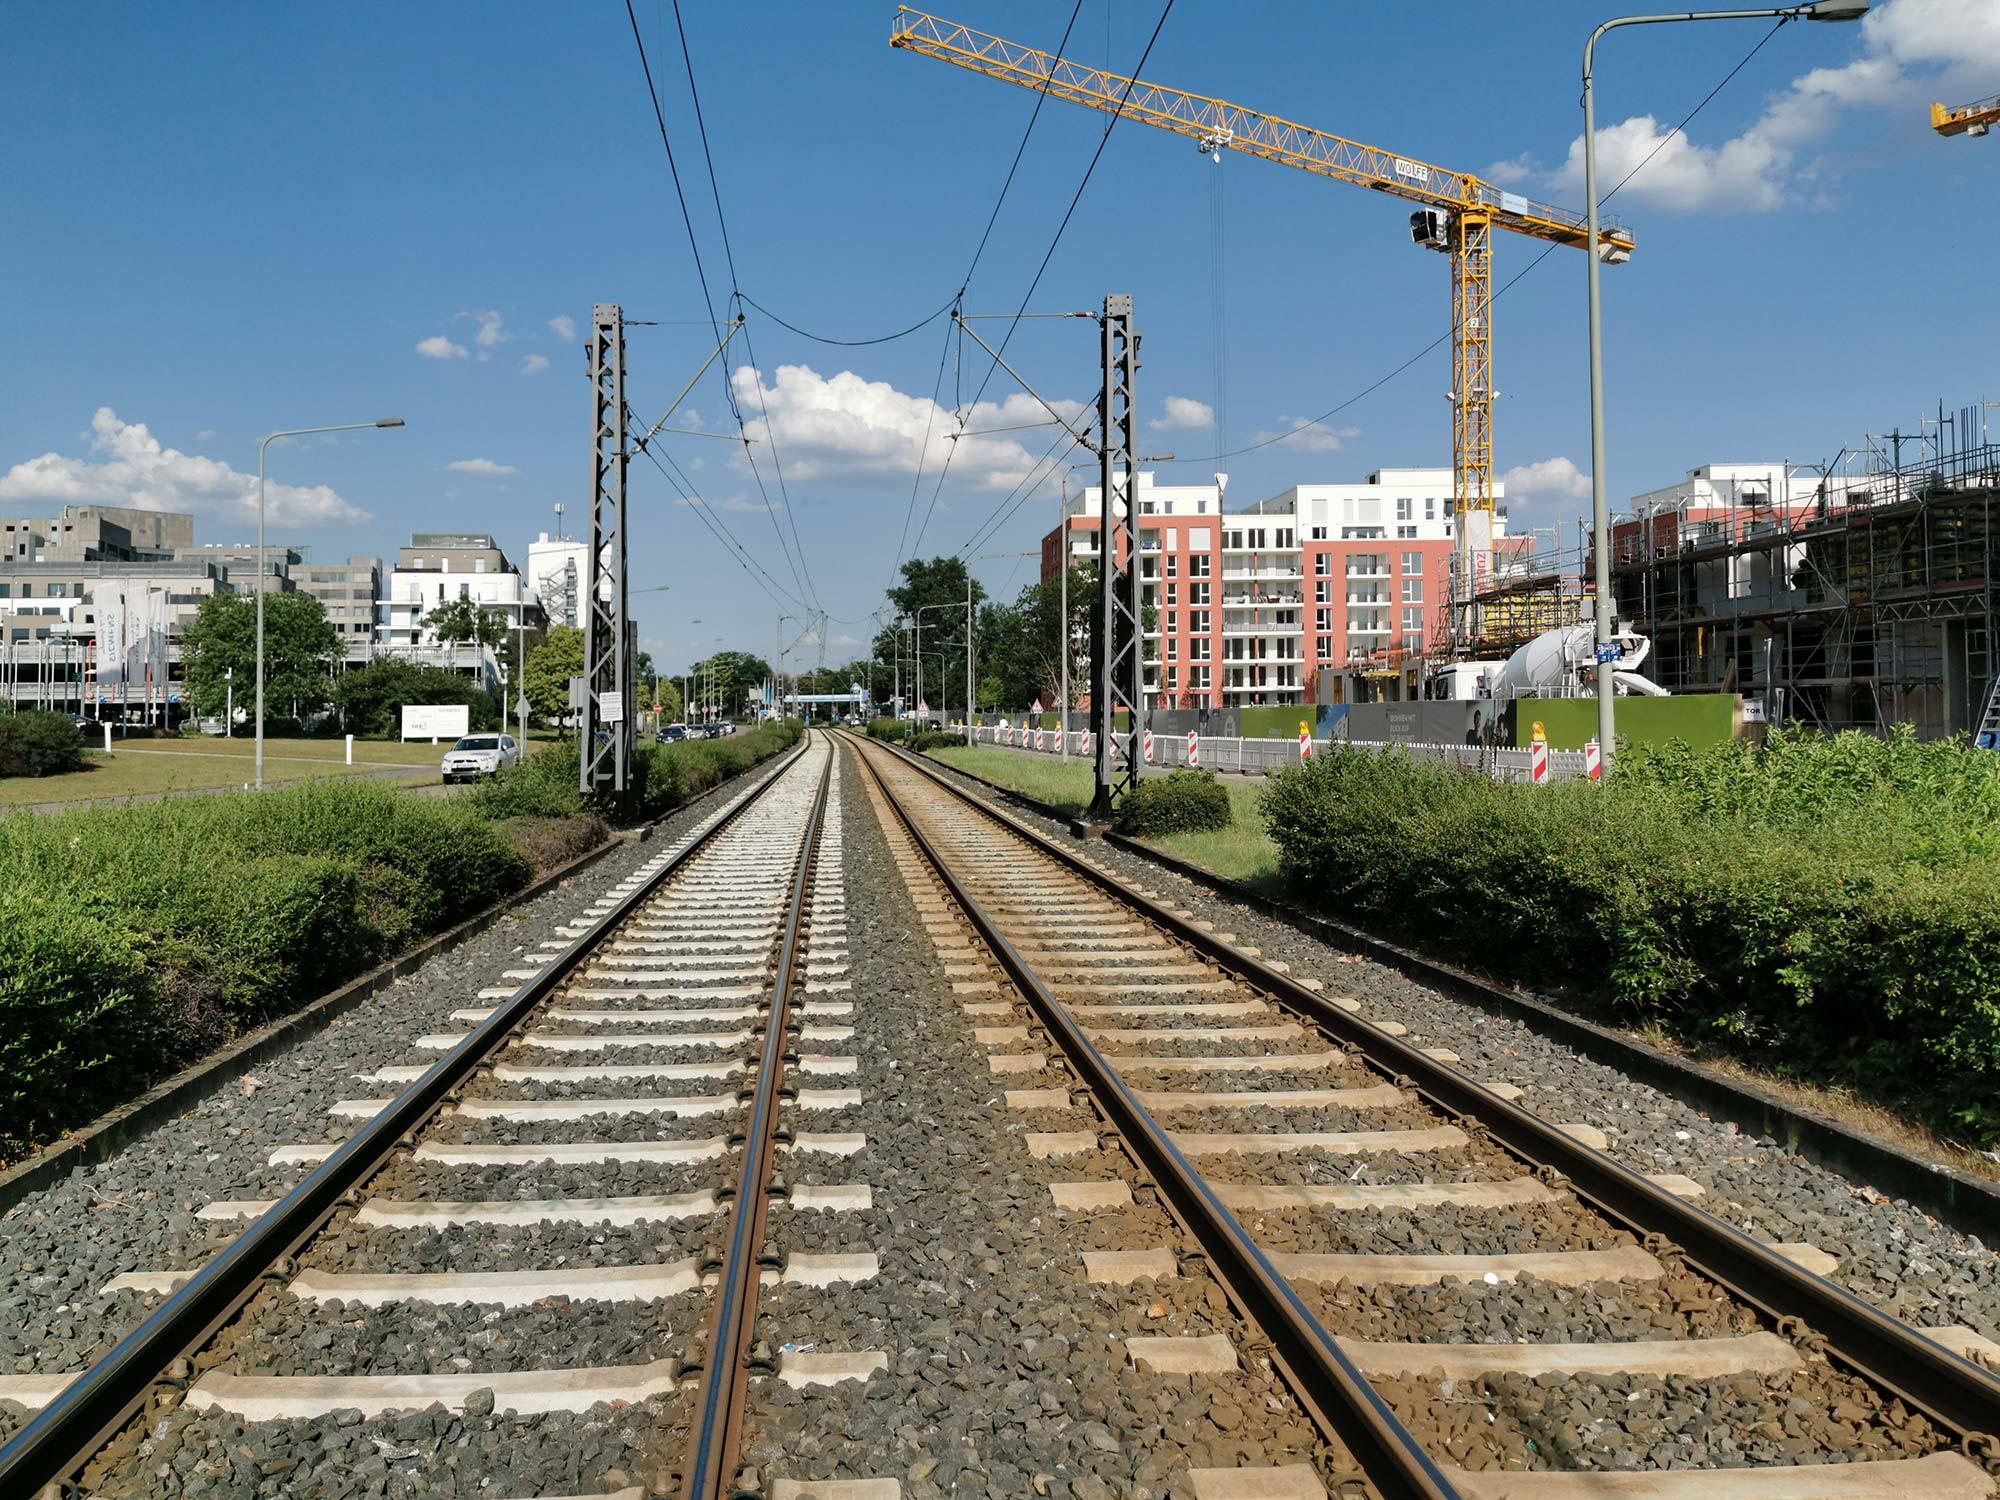 Straßenbahn-Gleise im Lyoner Quartier Frankfurt - überall entstehen rings herum neue Wohngebäude